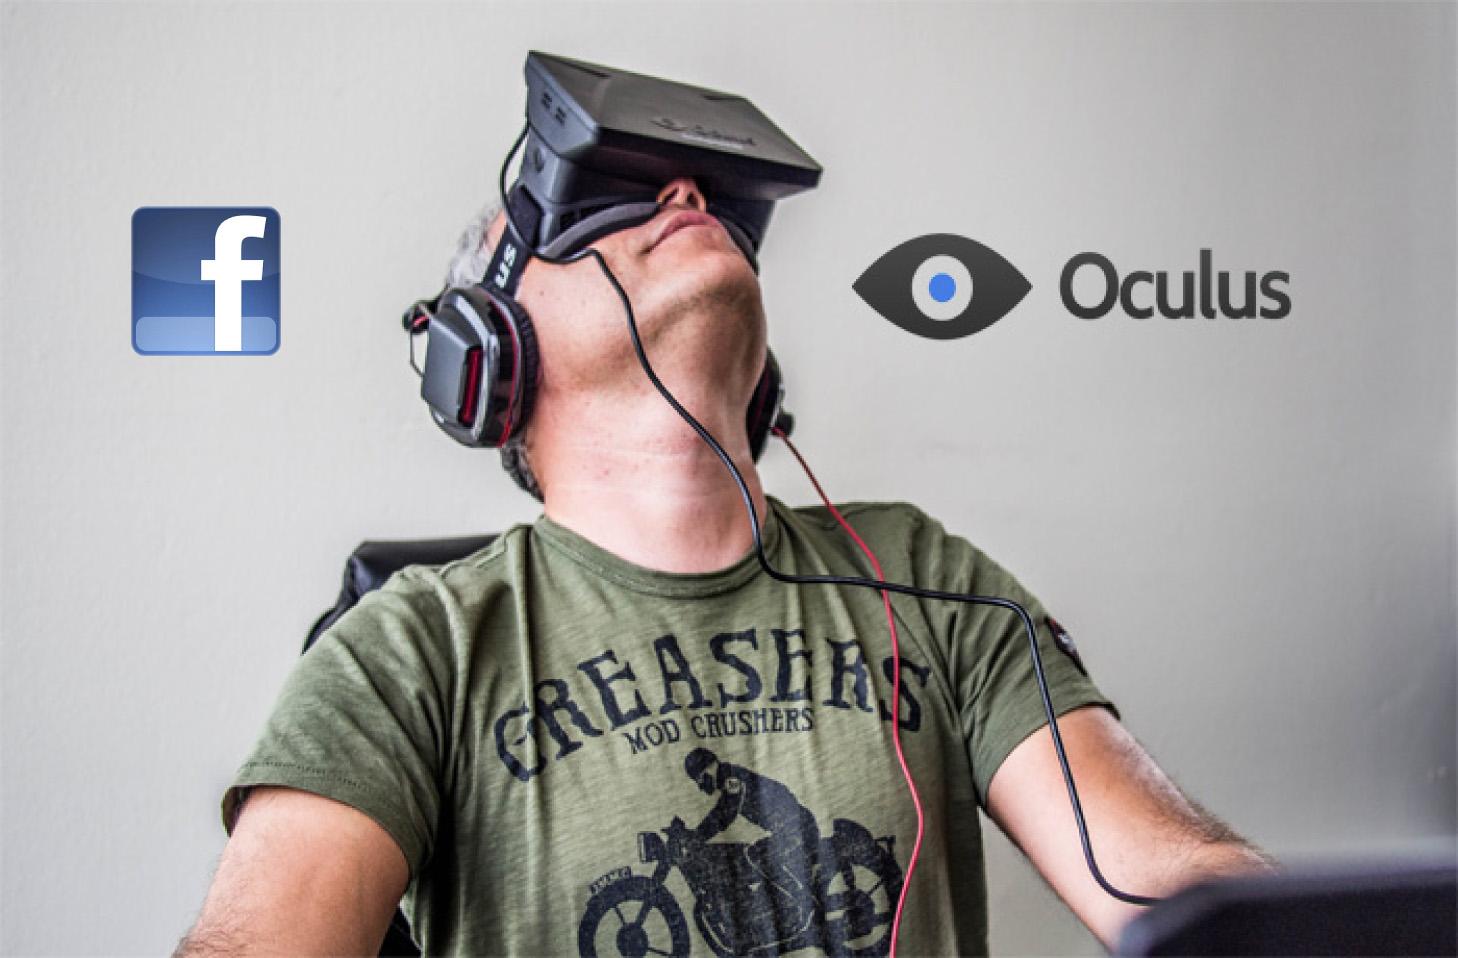 Facebook E Oculus Rift: Quale Sarà Il Futuro Dei Social?